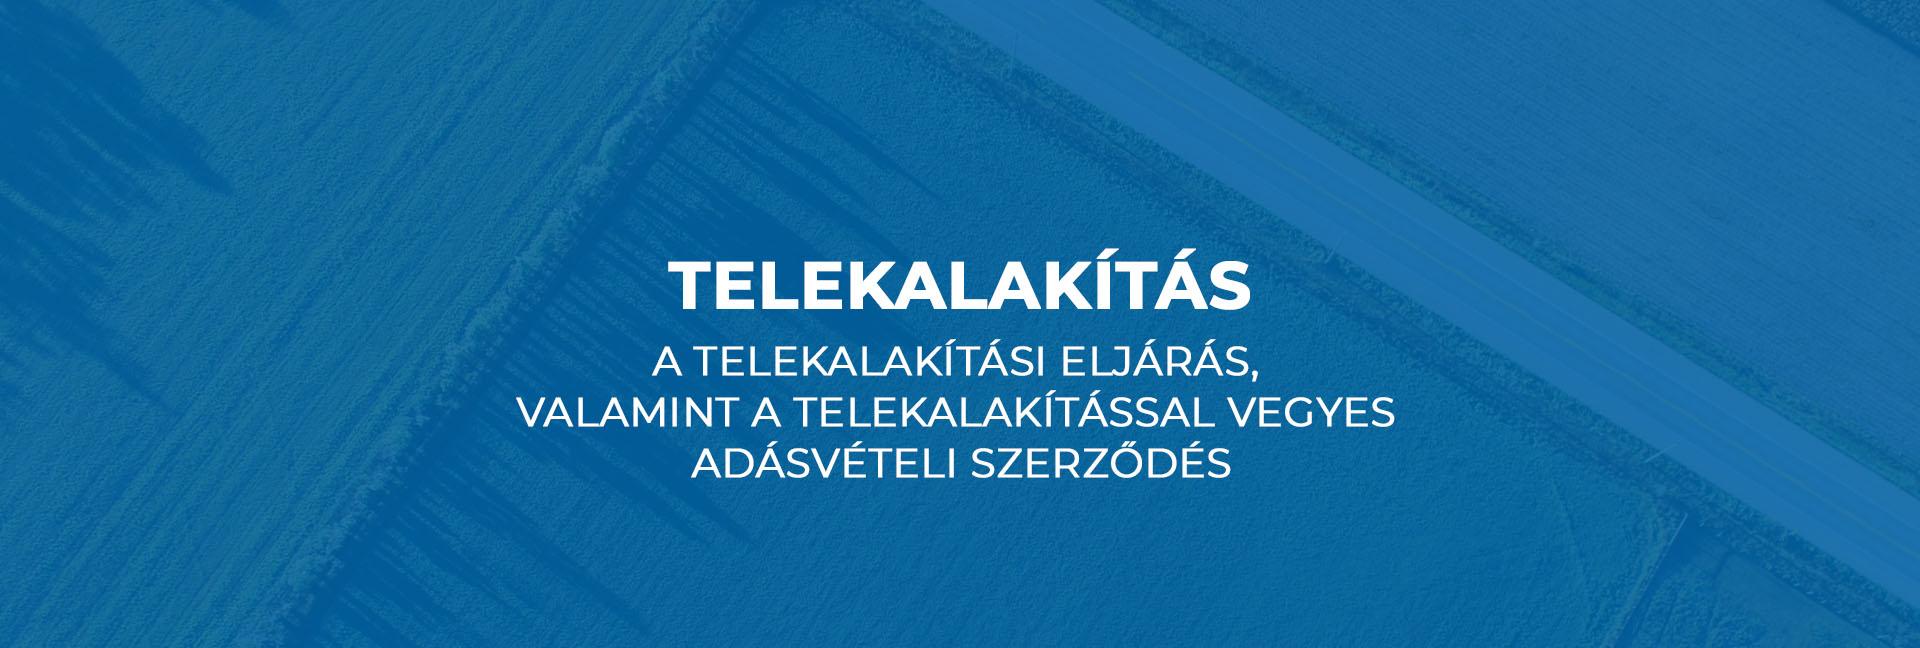 A telekalakítási eljárás, valamint a telekalakítással vegyes adásvételi szerződés